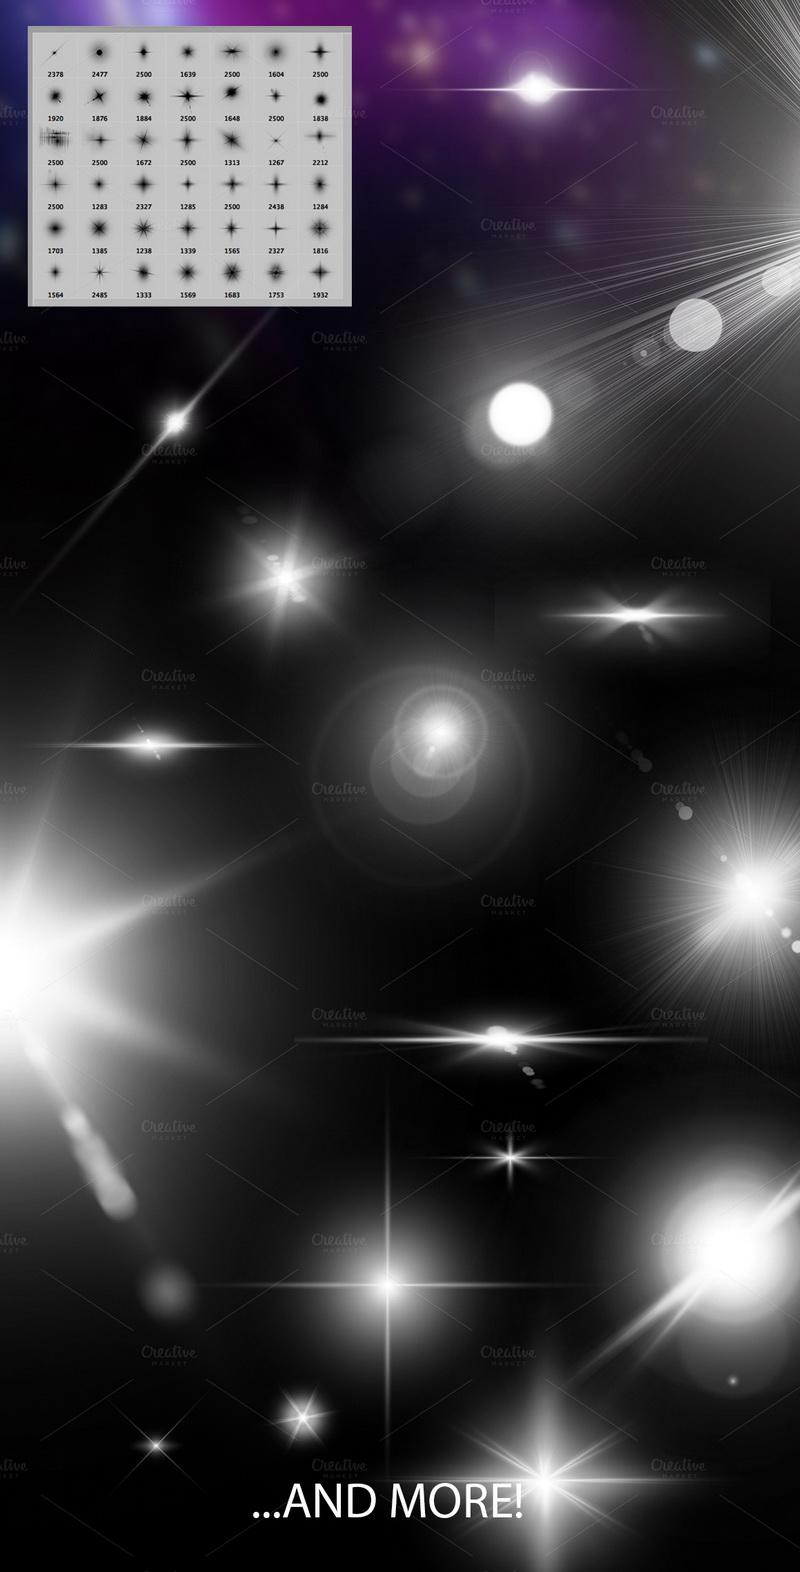 فرش فوتوشوب لمعة, فرش توهج, فرش نجمة, فرش فوتوشوب نجوم, فرش لمعة نجوم